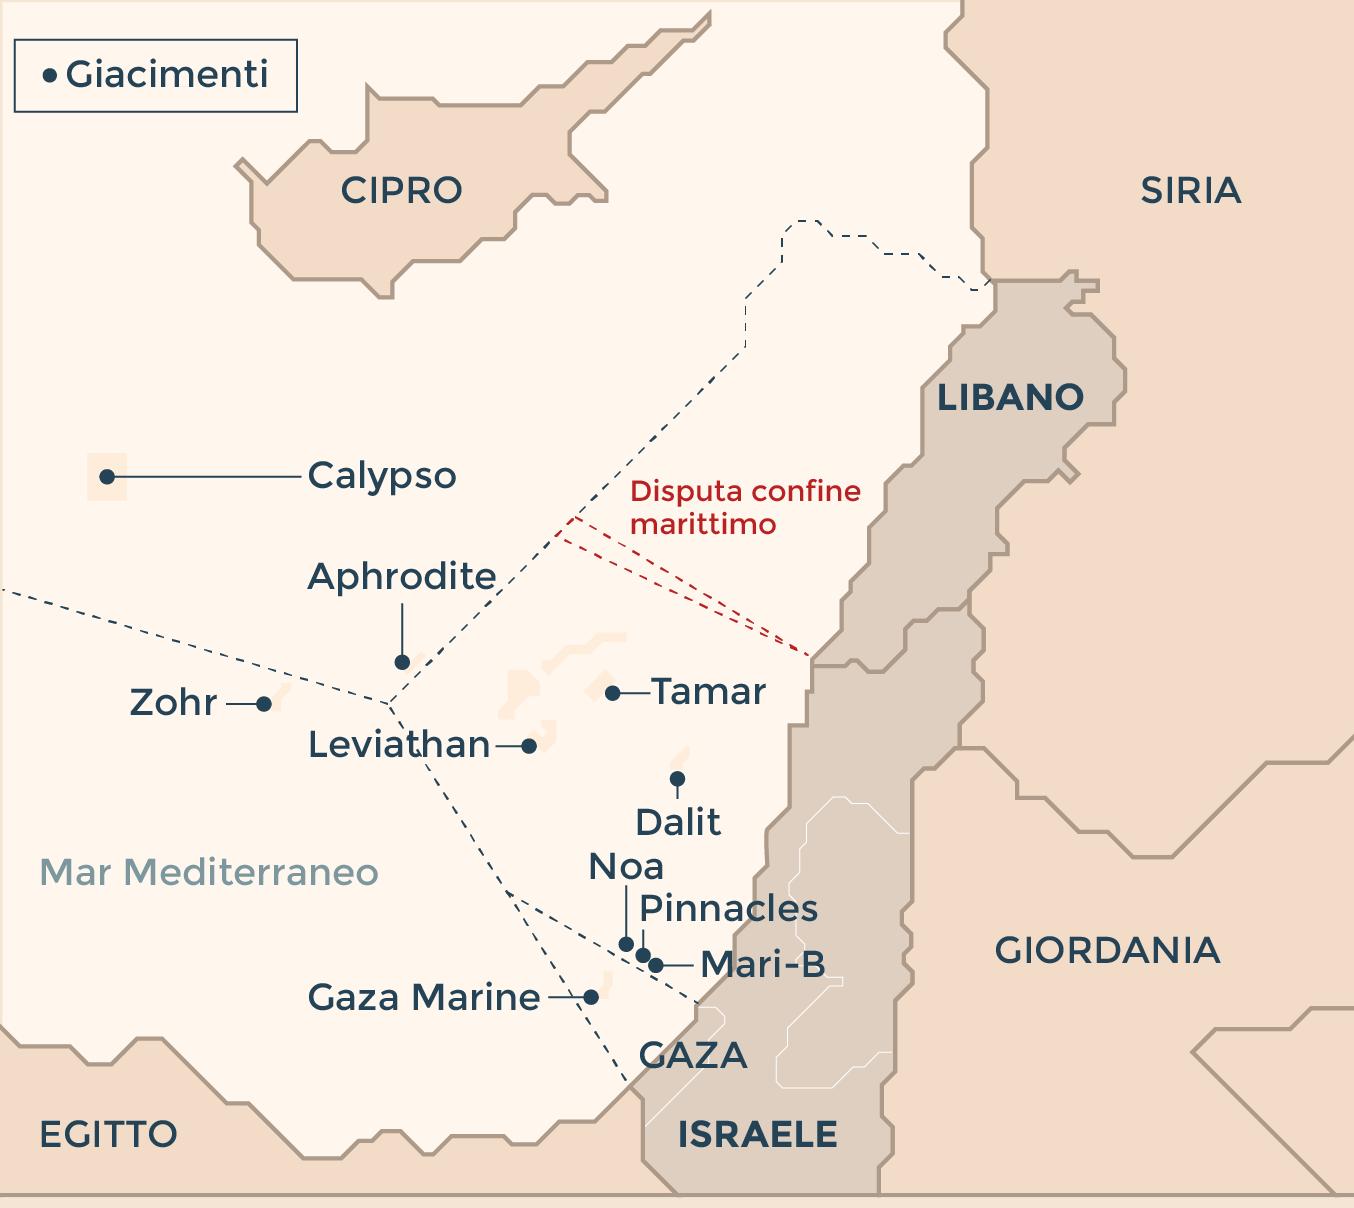 Marina militare turca ferma piattaforma Eni in viaggio verso Cipro